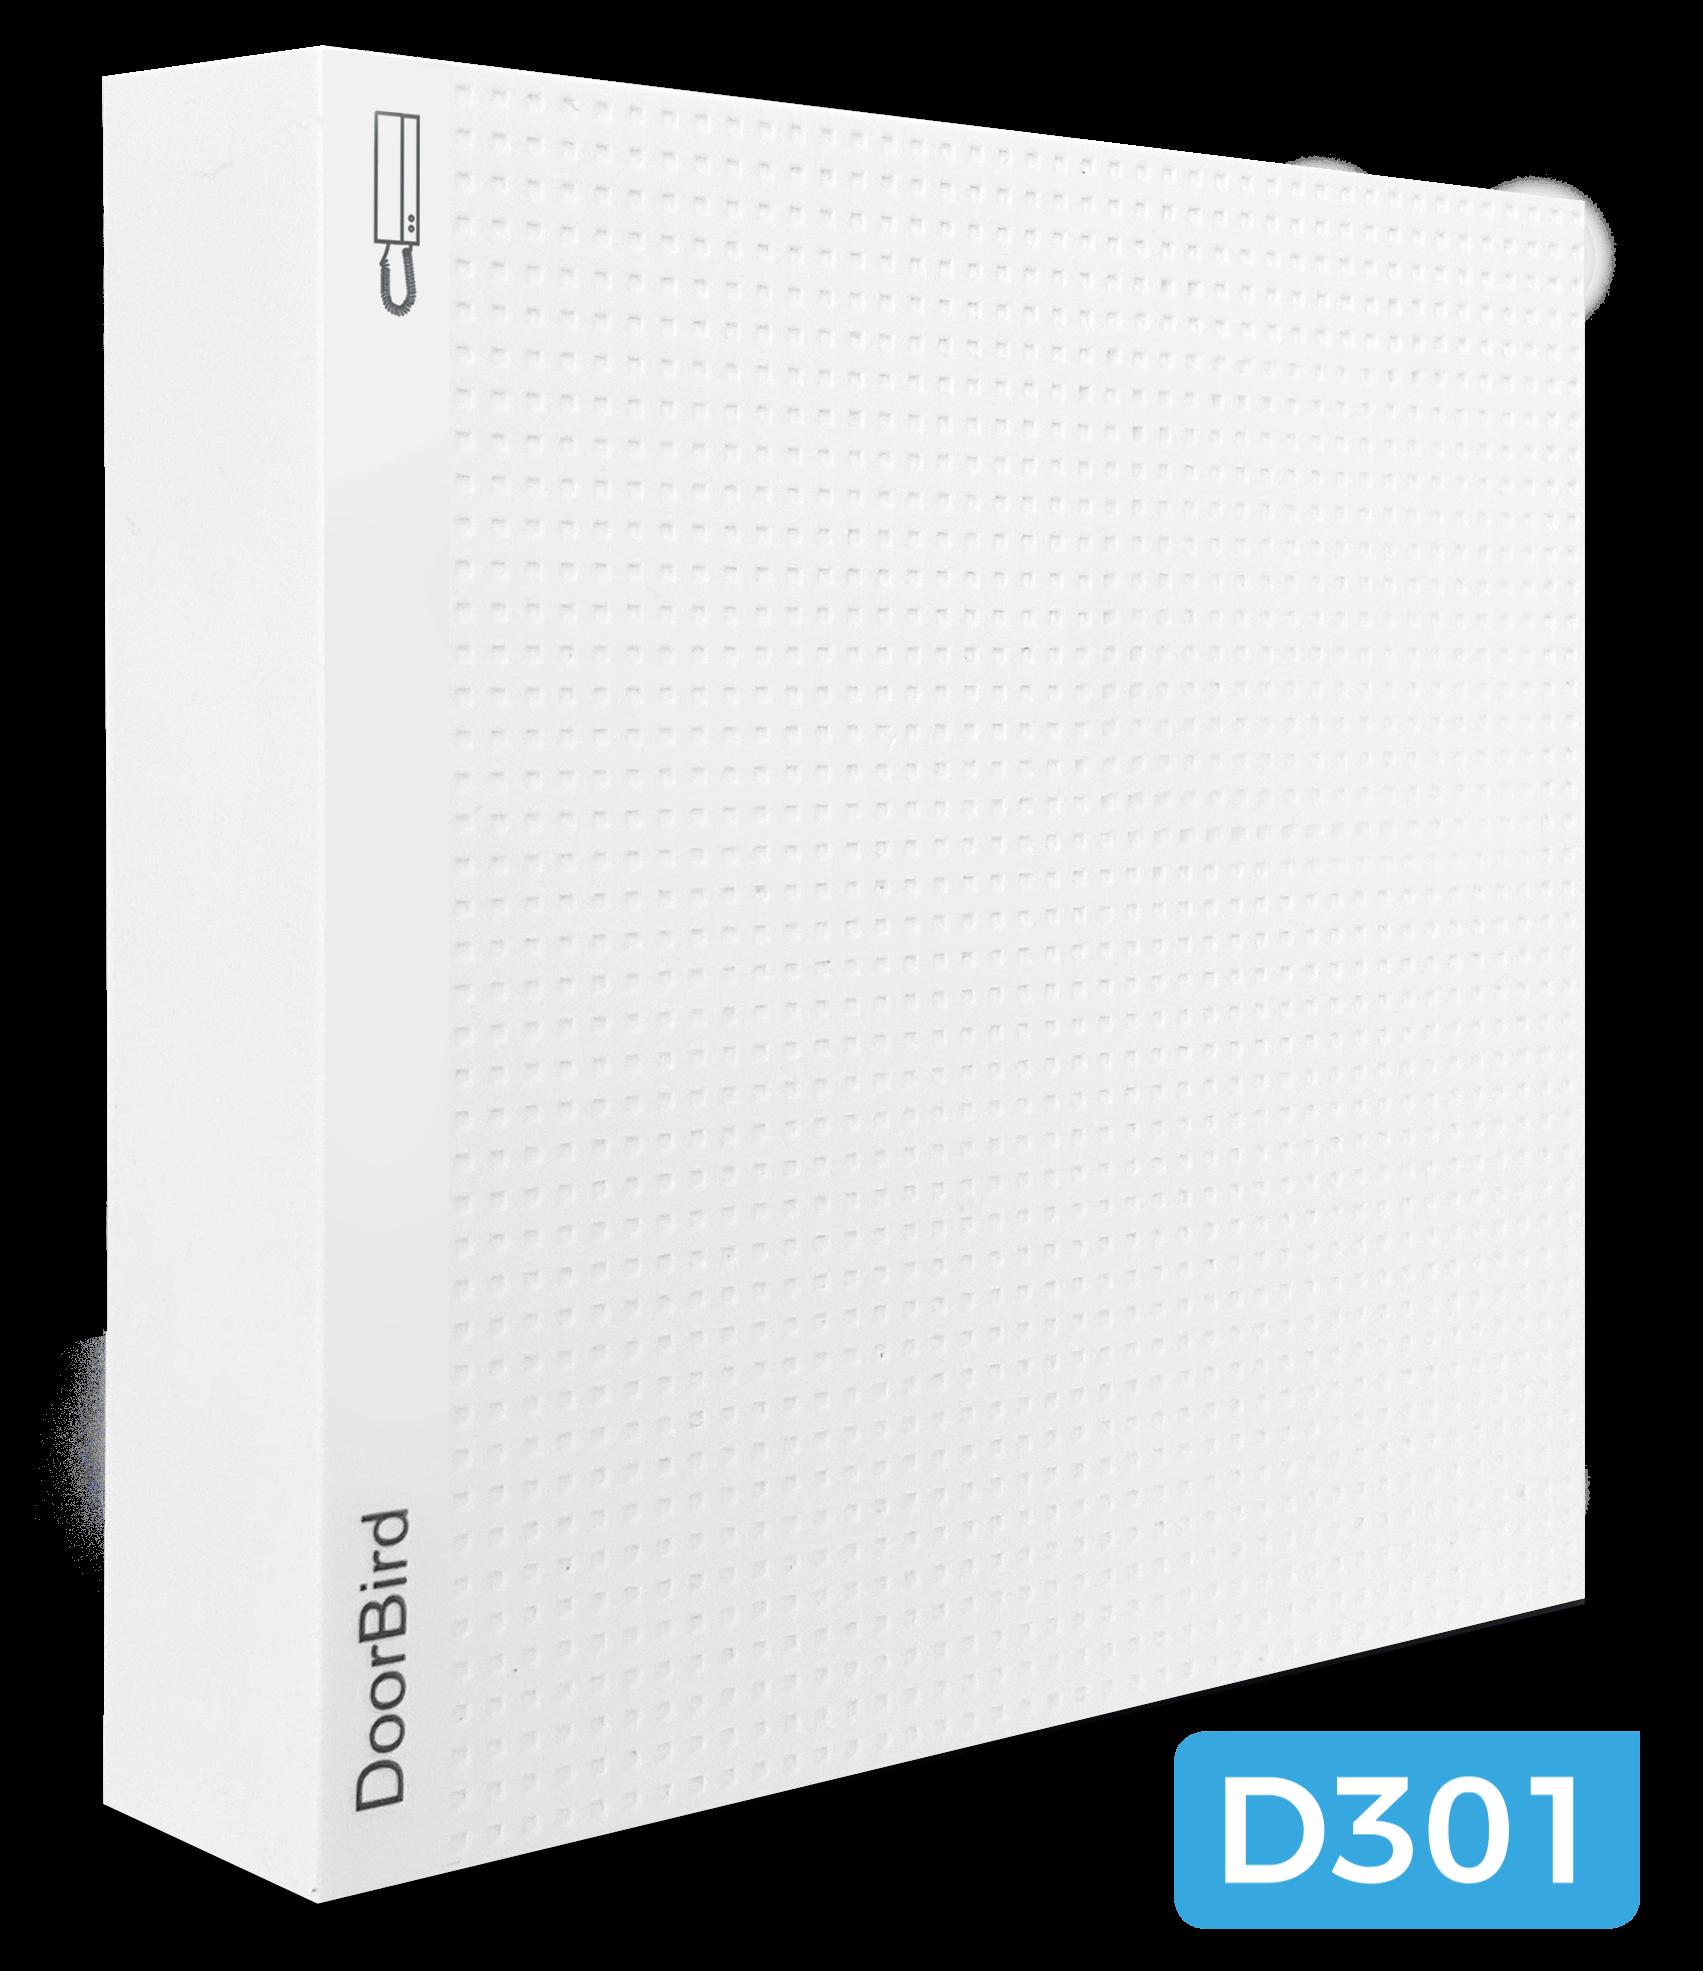 Doorbird IP Intercom - D301AV